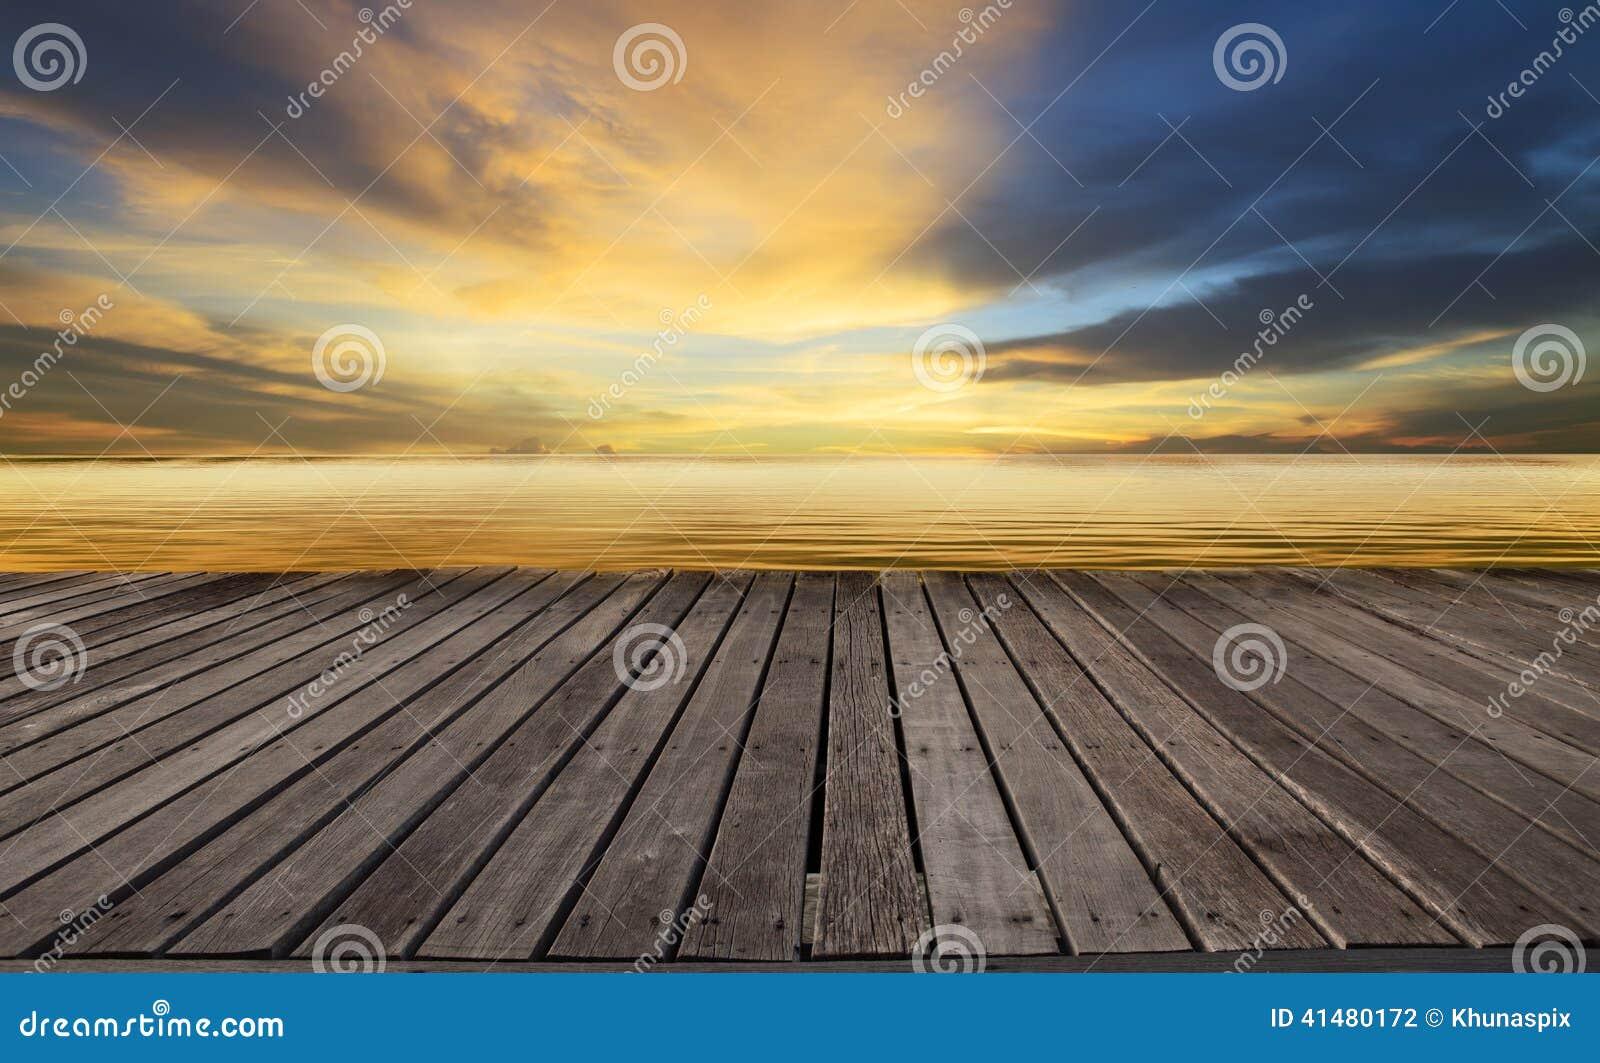 Gemasert von der hölzernen Terrasse und vom schönen düsteren Himmel mit Freiexemplarraumgebrauch für Hintergrund, vom Hintergrund